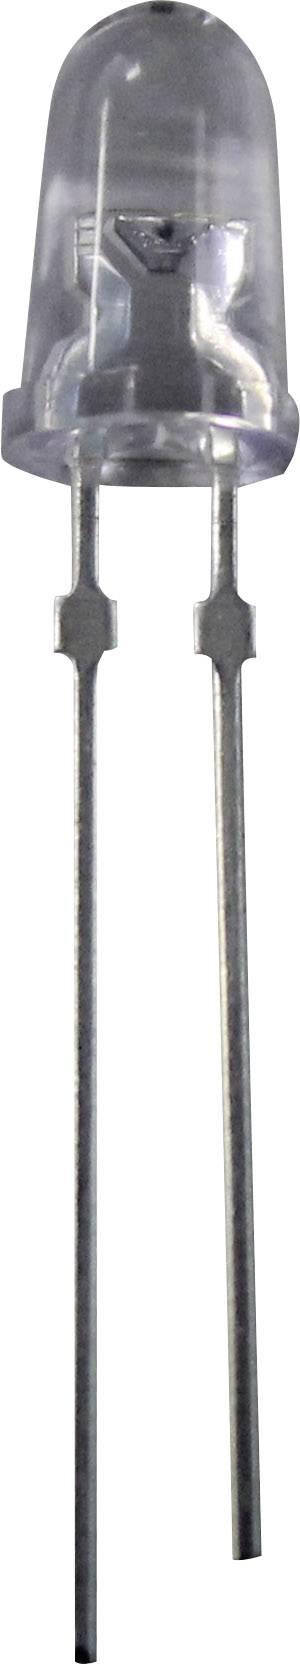 LEDsvývodmi Nichia NSPG310B, NSPG310A, typ šošovky guľatý, 3 mm, zelená